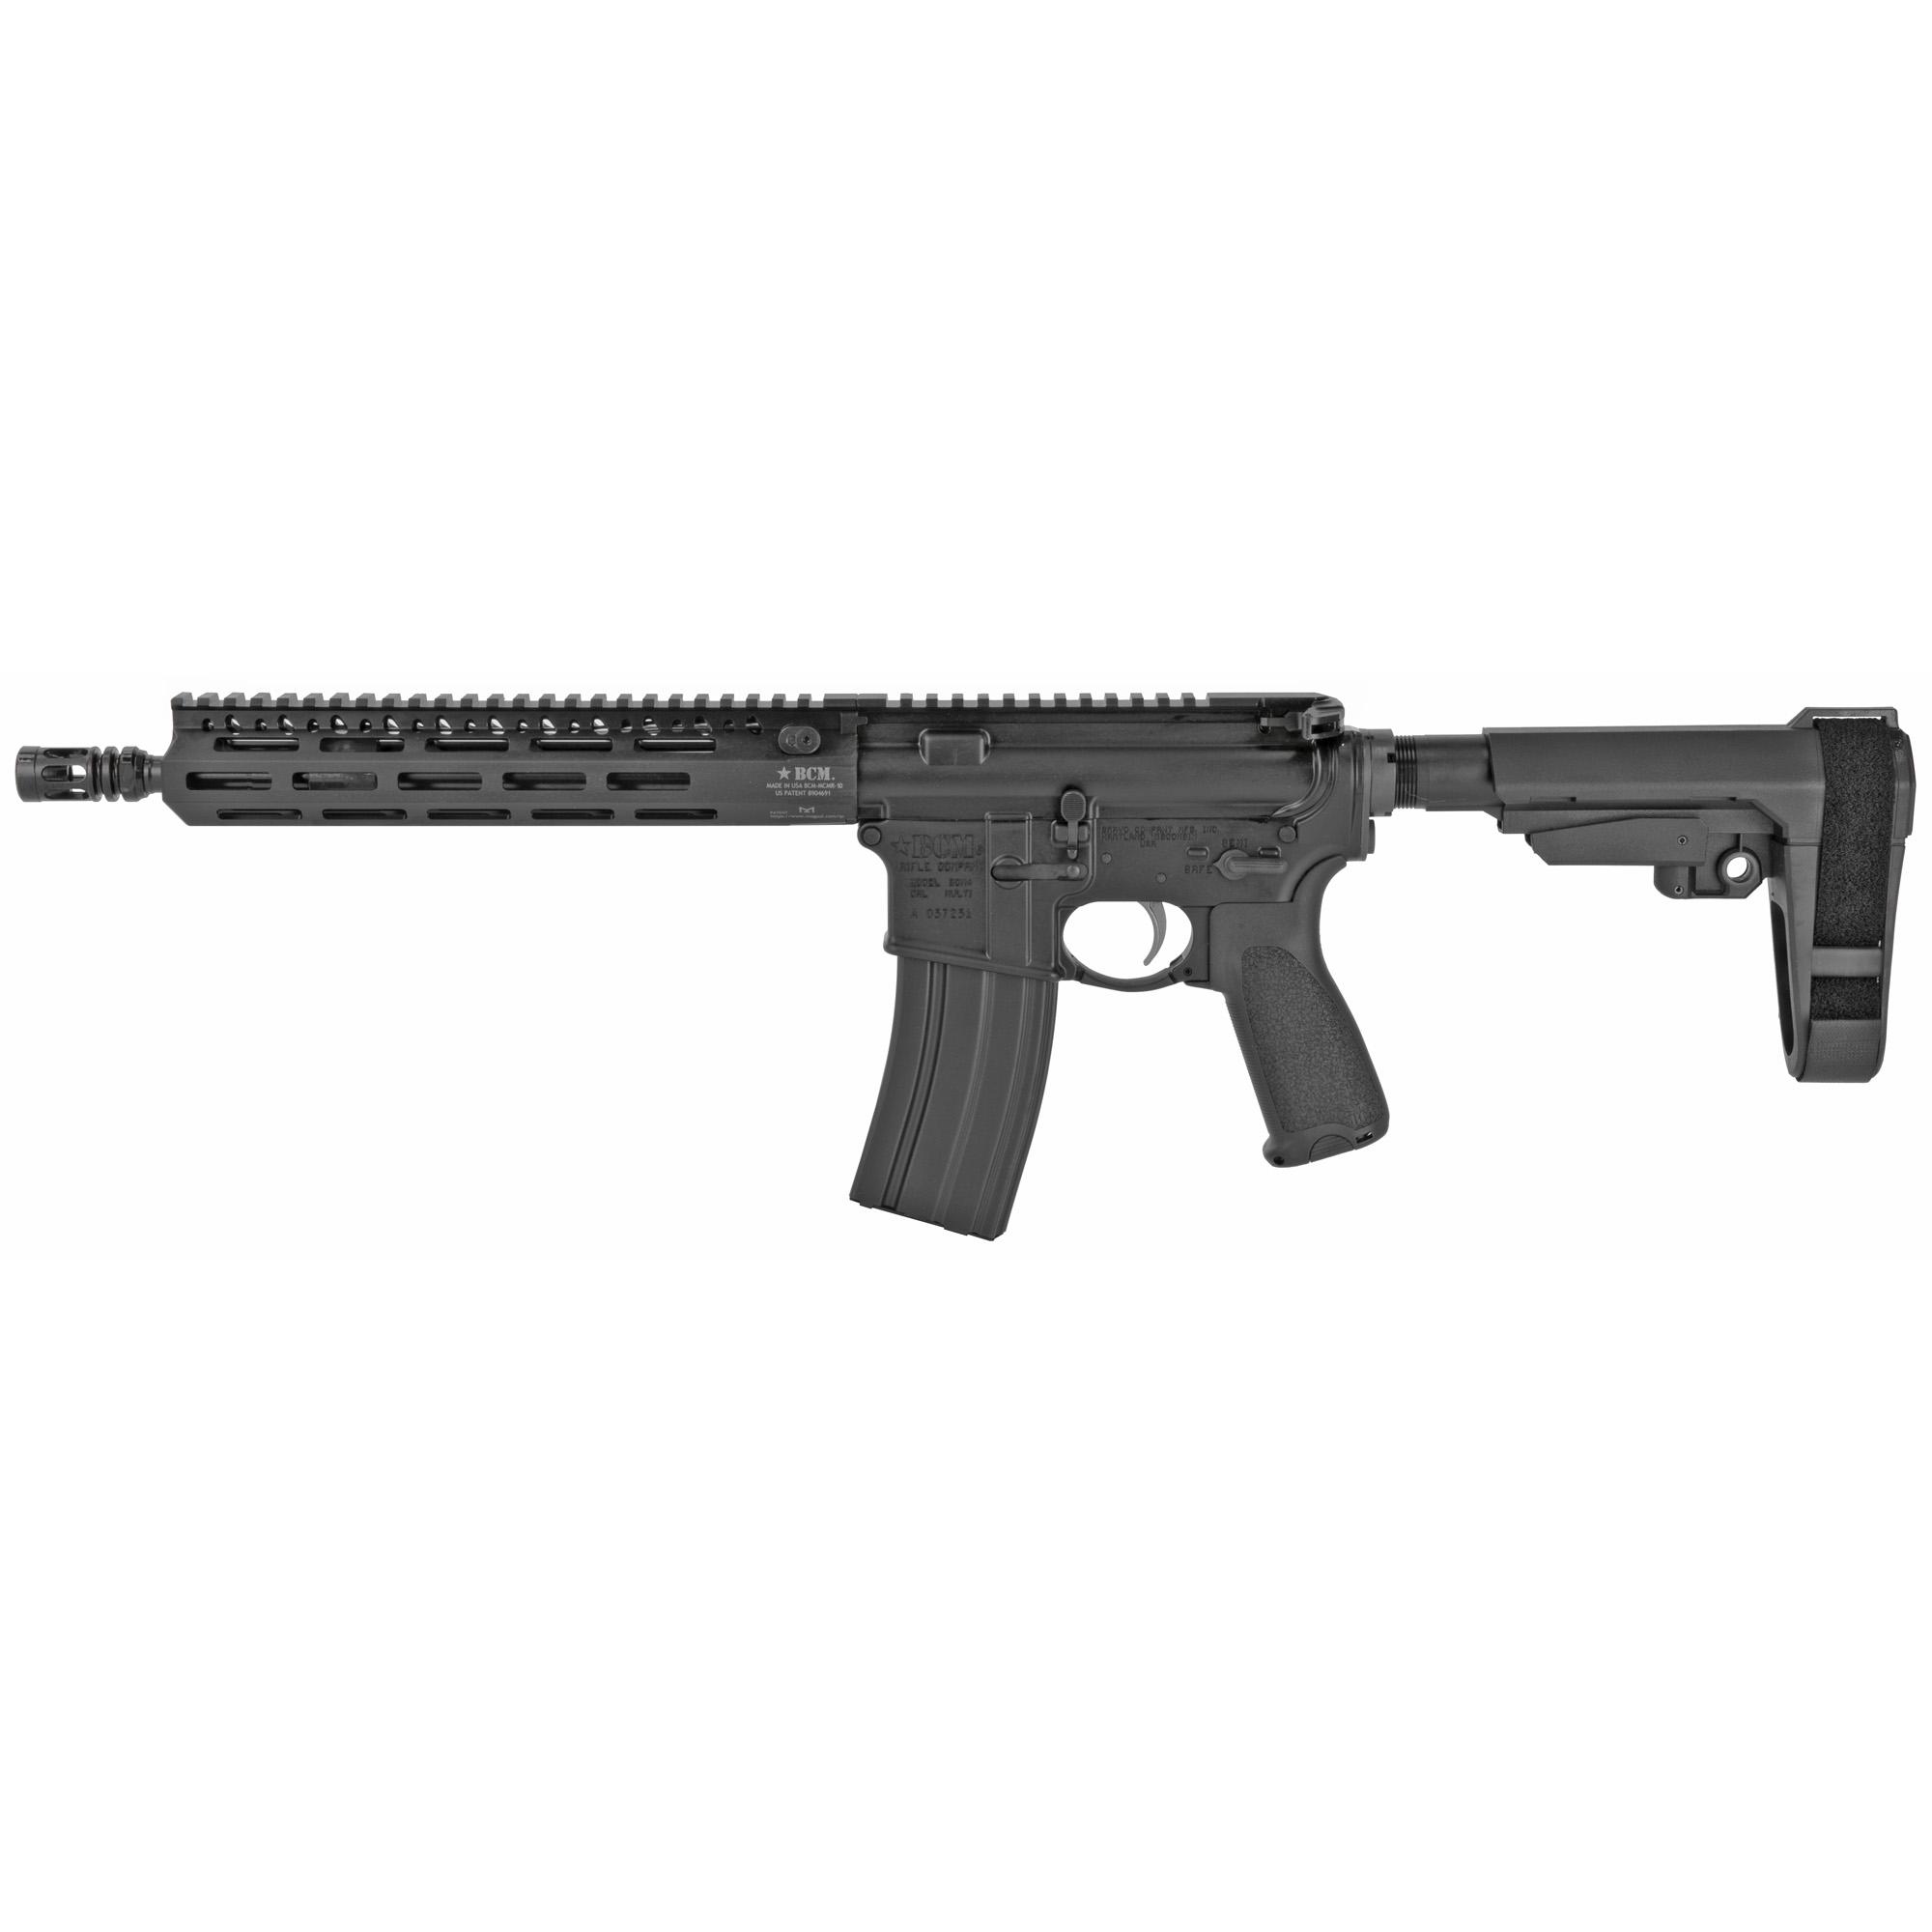 Bravo Company Recce 11 MCMR Pistol 11.5″ 0.223 Remington 5.56 NATO 30Rd – Black